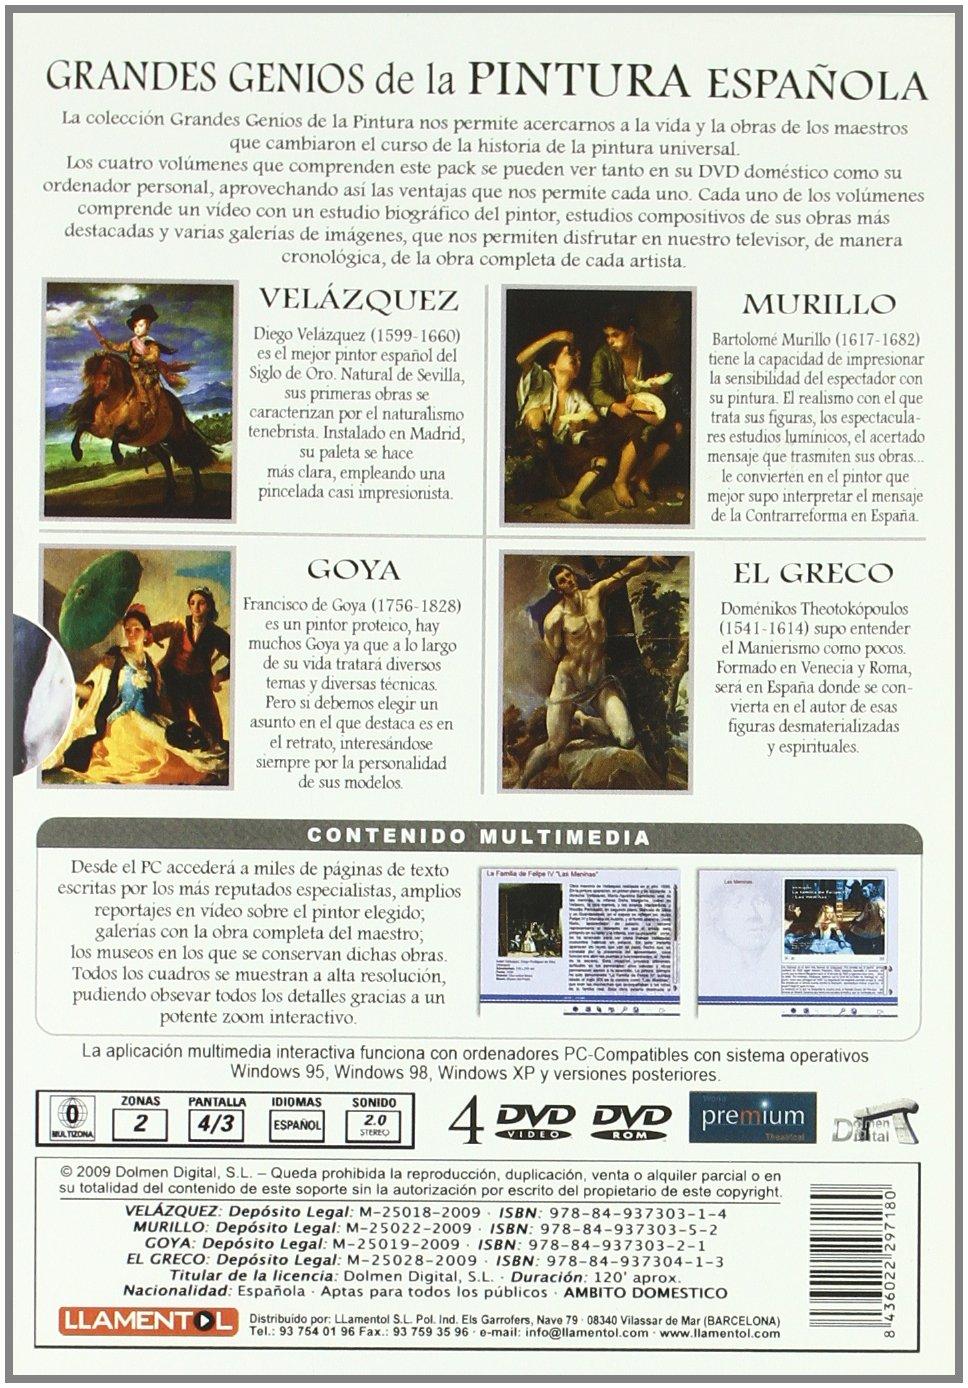 Grandes Genios de la Pintura Española [DVD]: Amazon.es: Varios: Cine y Series TV